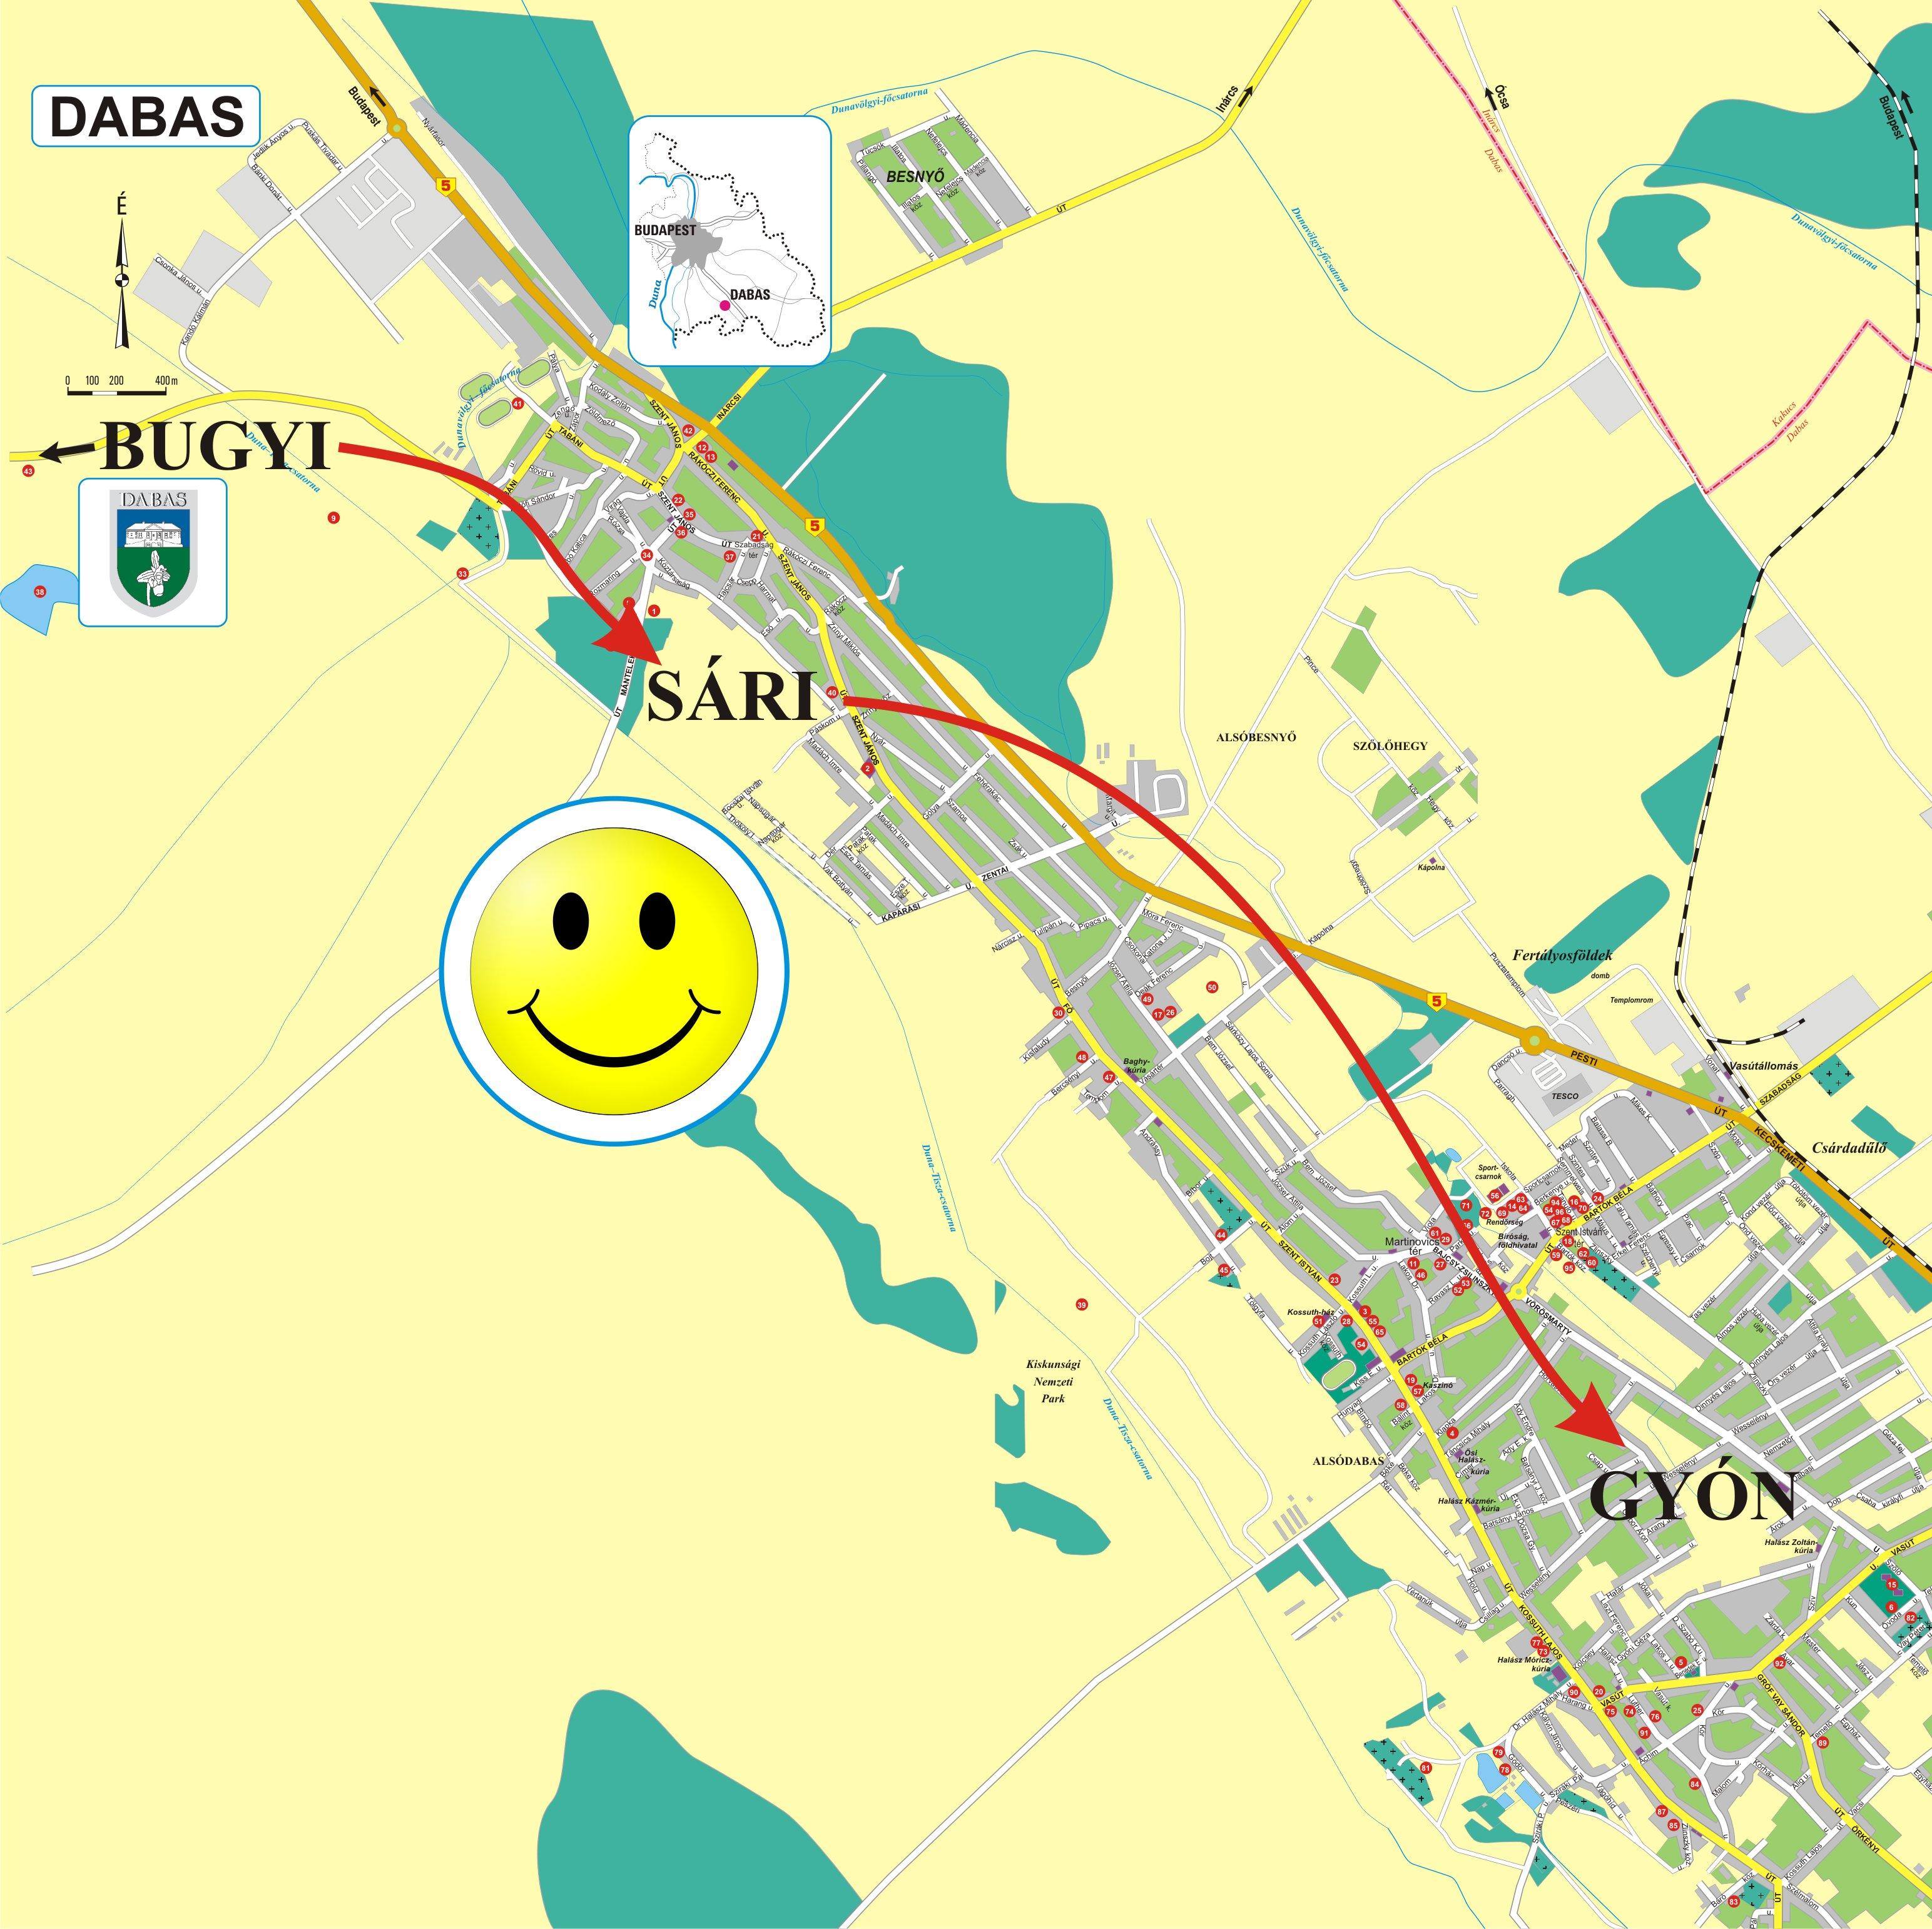 dabas térkép Dabas térkép – Felnőtt tartalommal… – Nem csak felnőtteknek :) | A